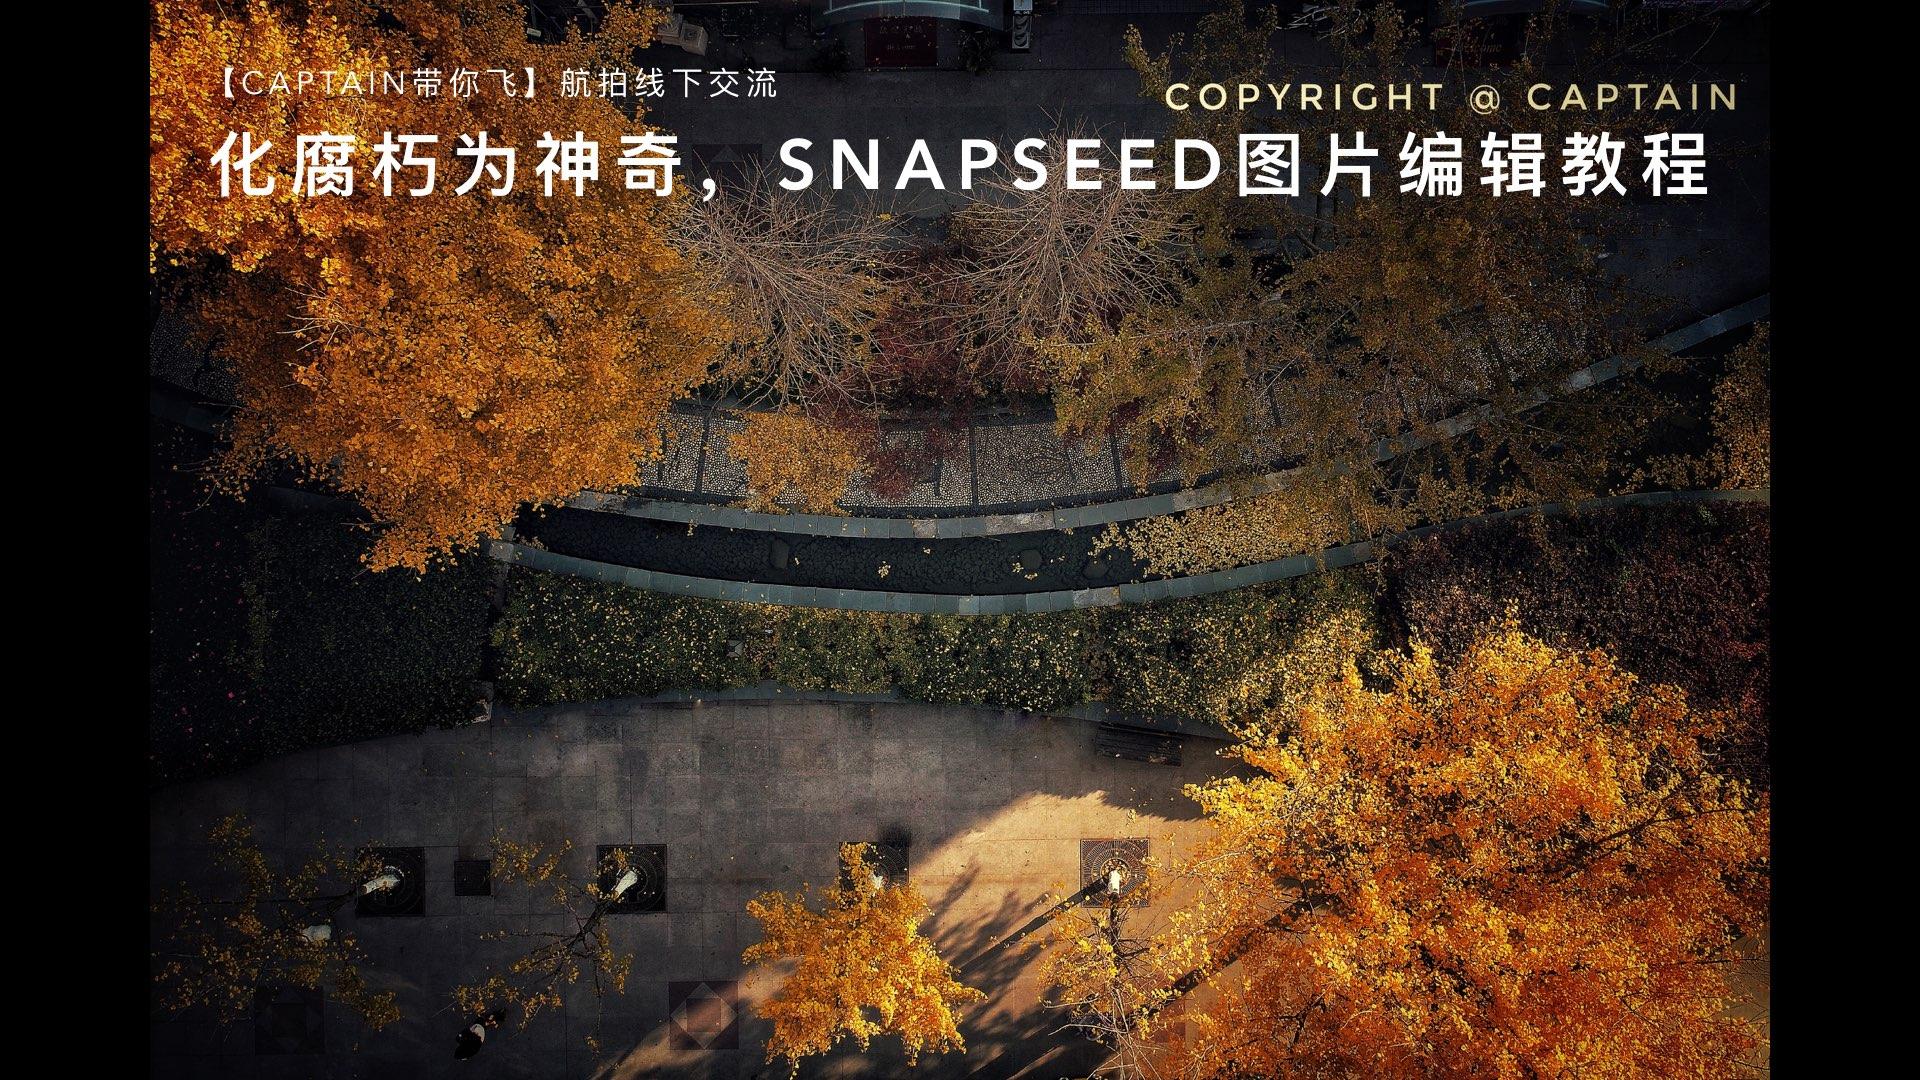 化腐朽为神奇,Snapseed图片编辑教程.001.jpeg